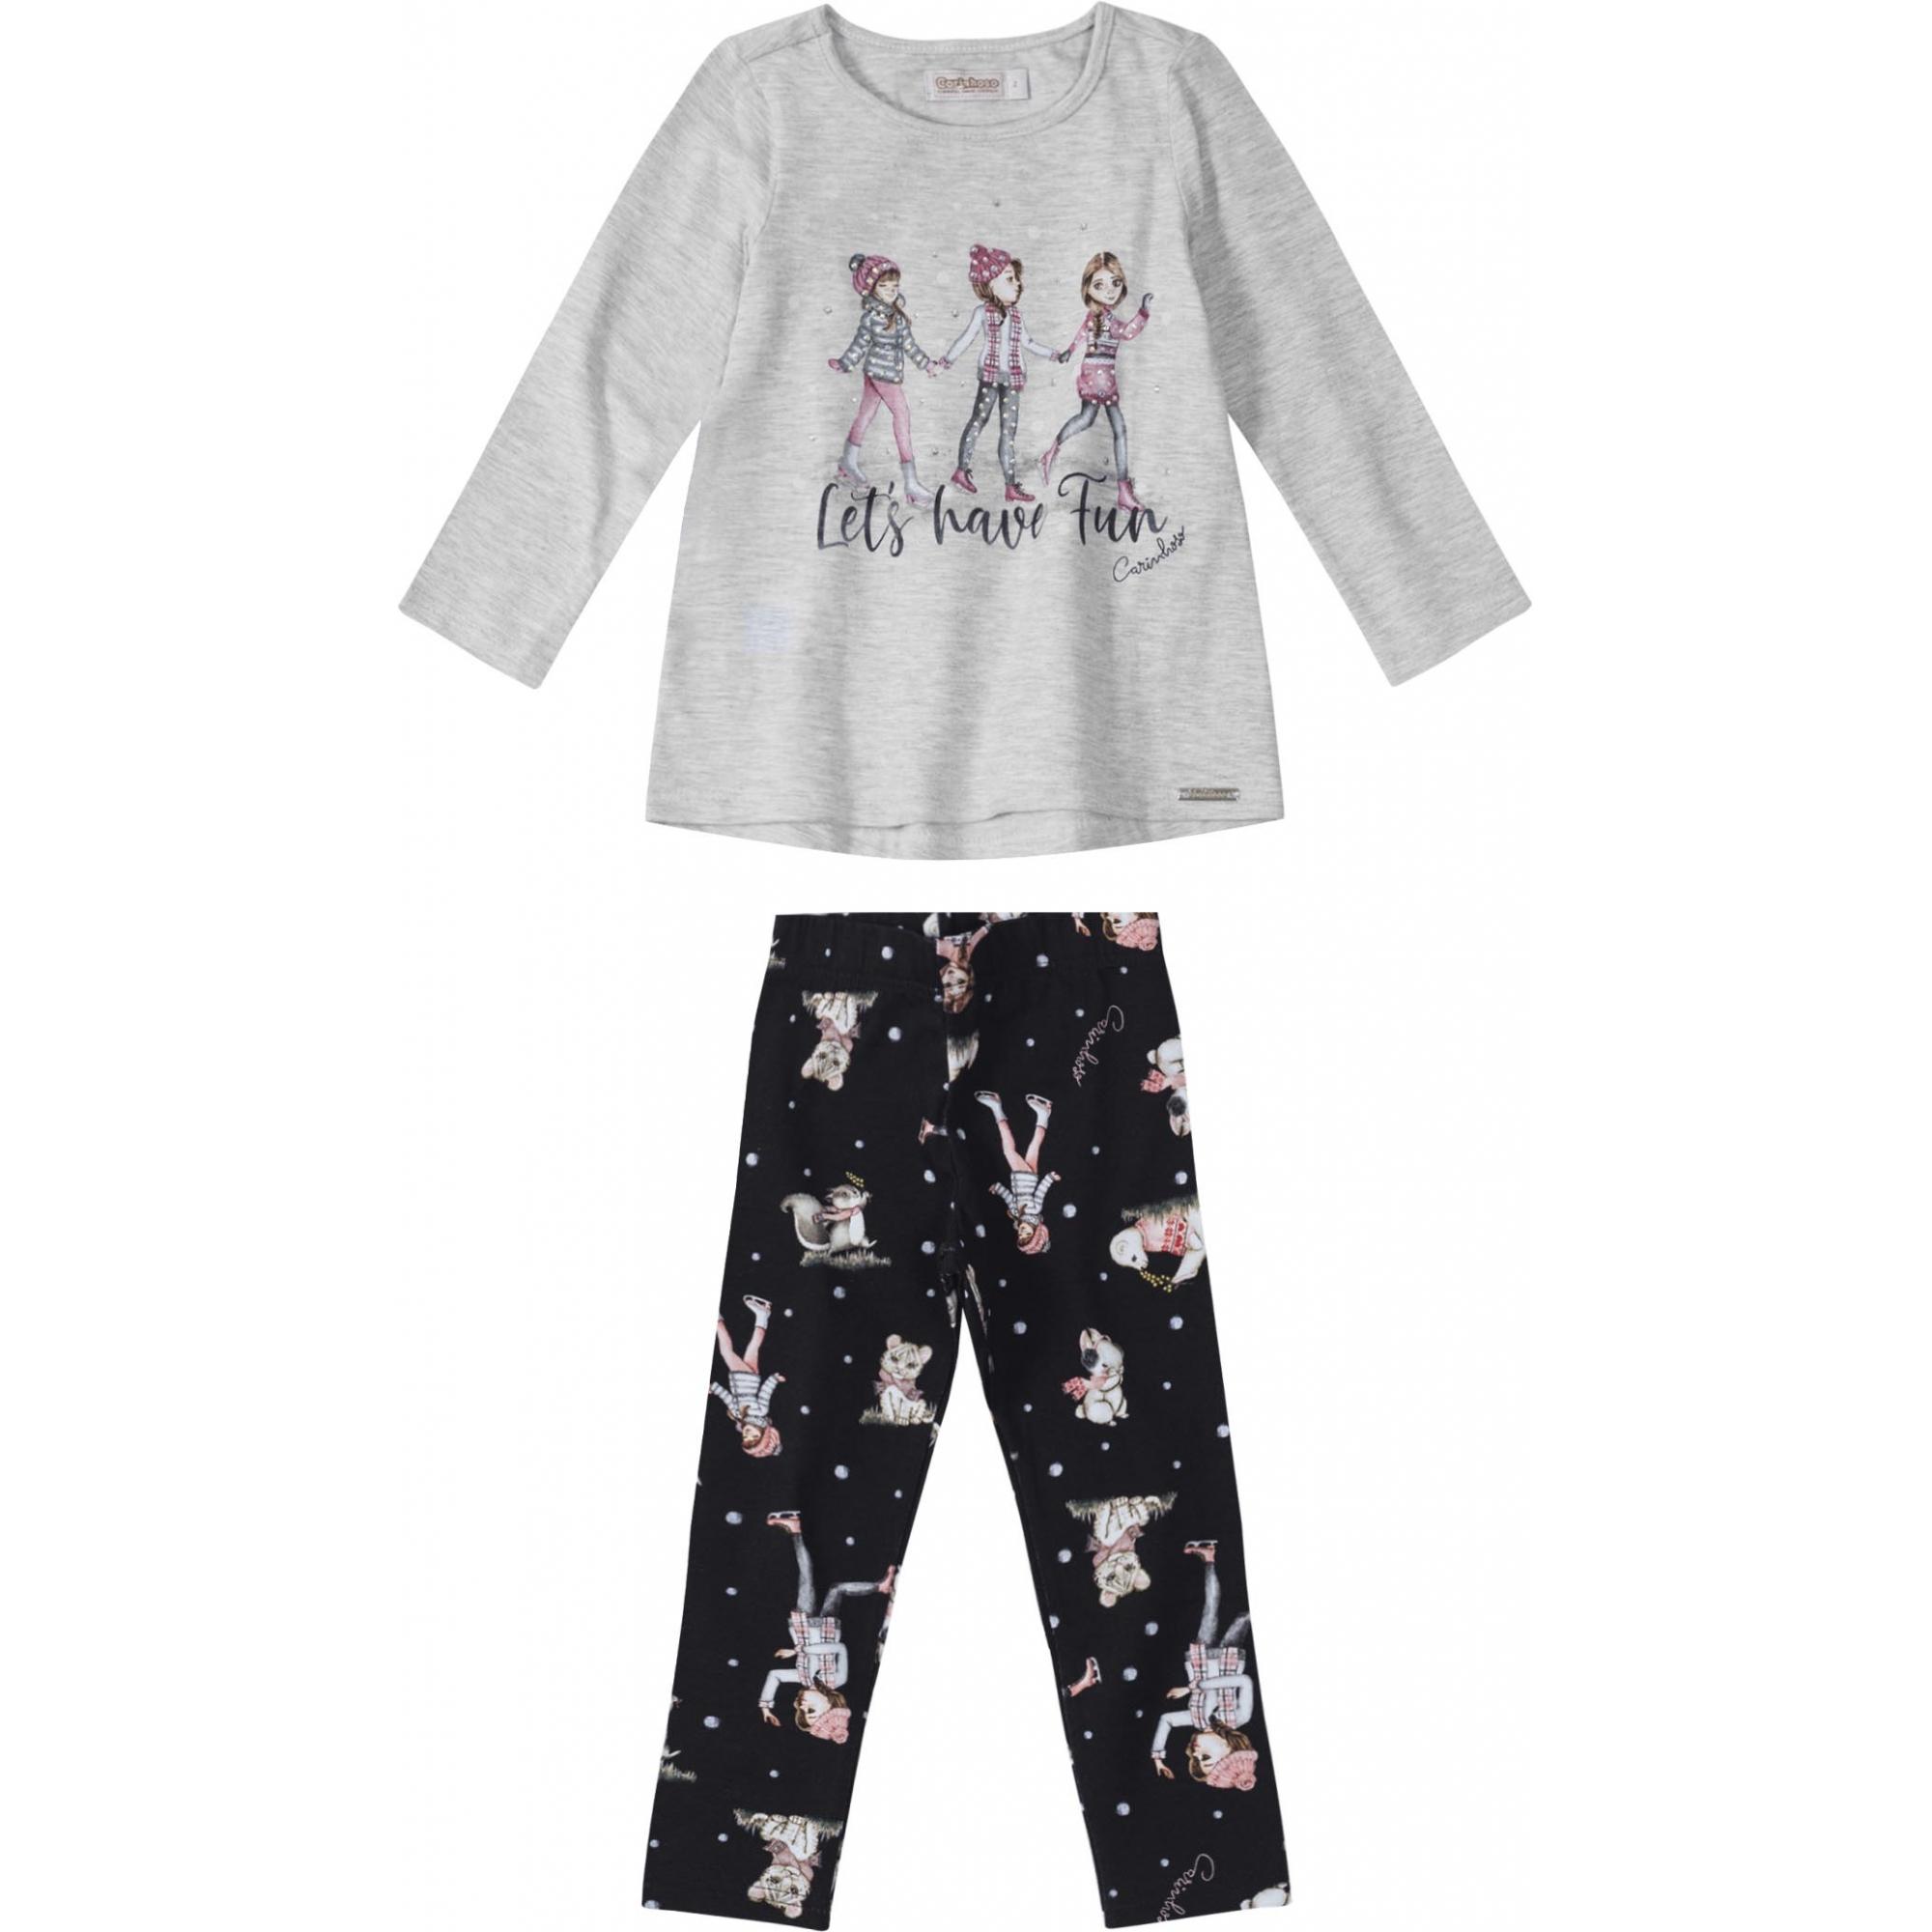 Conjunto Blusa Manga Longa e calça Preta Estampada  - Tam 2 anos